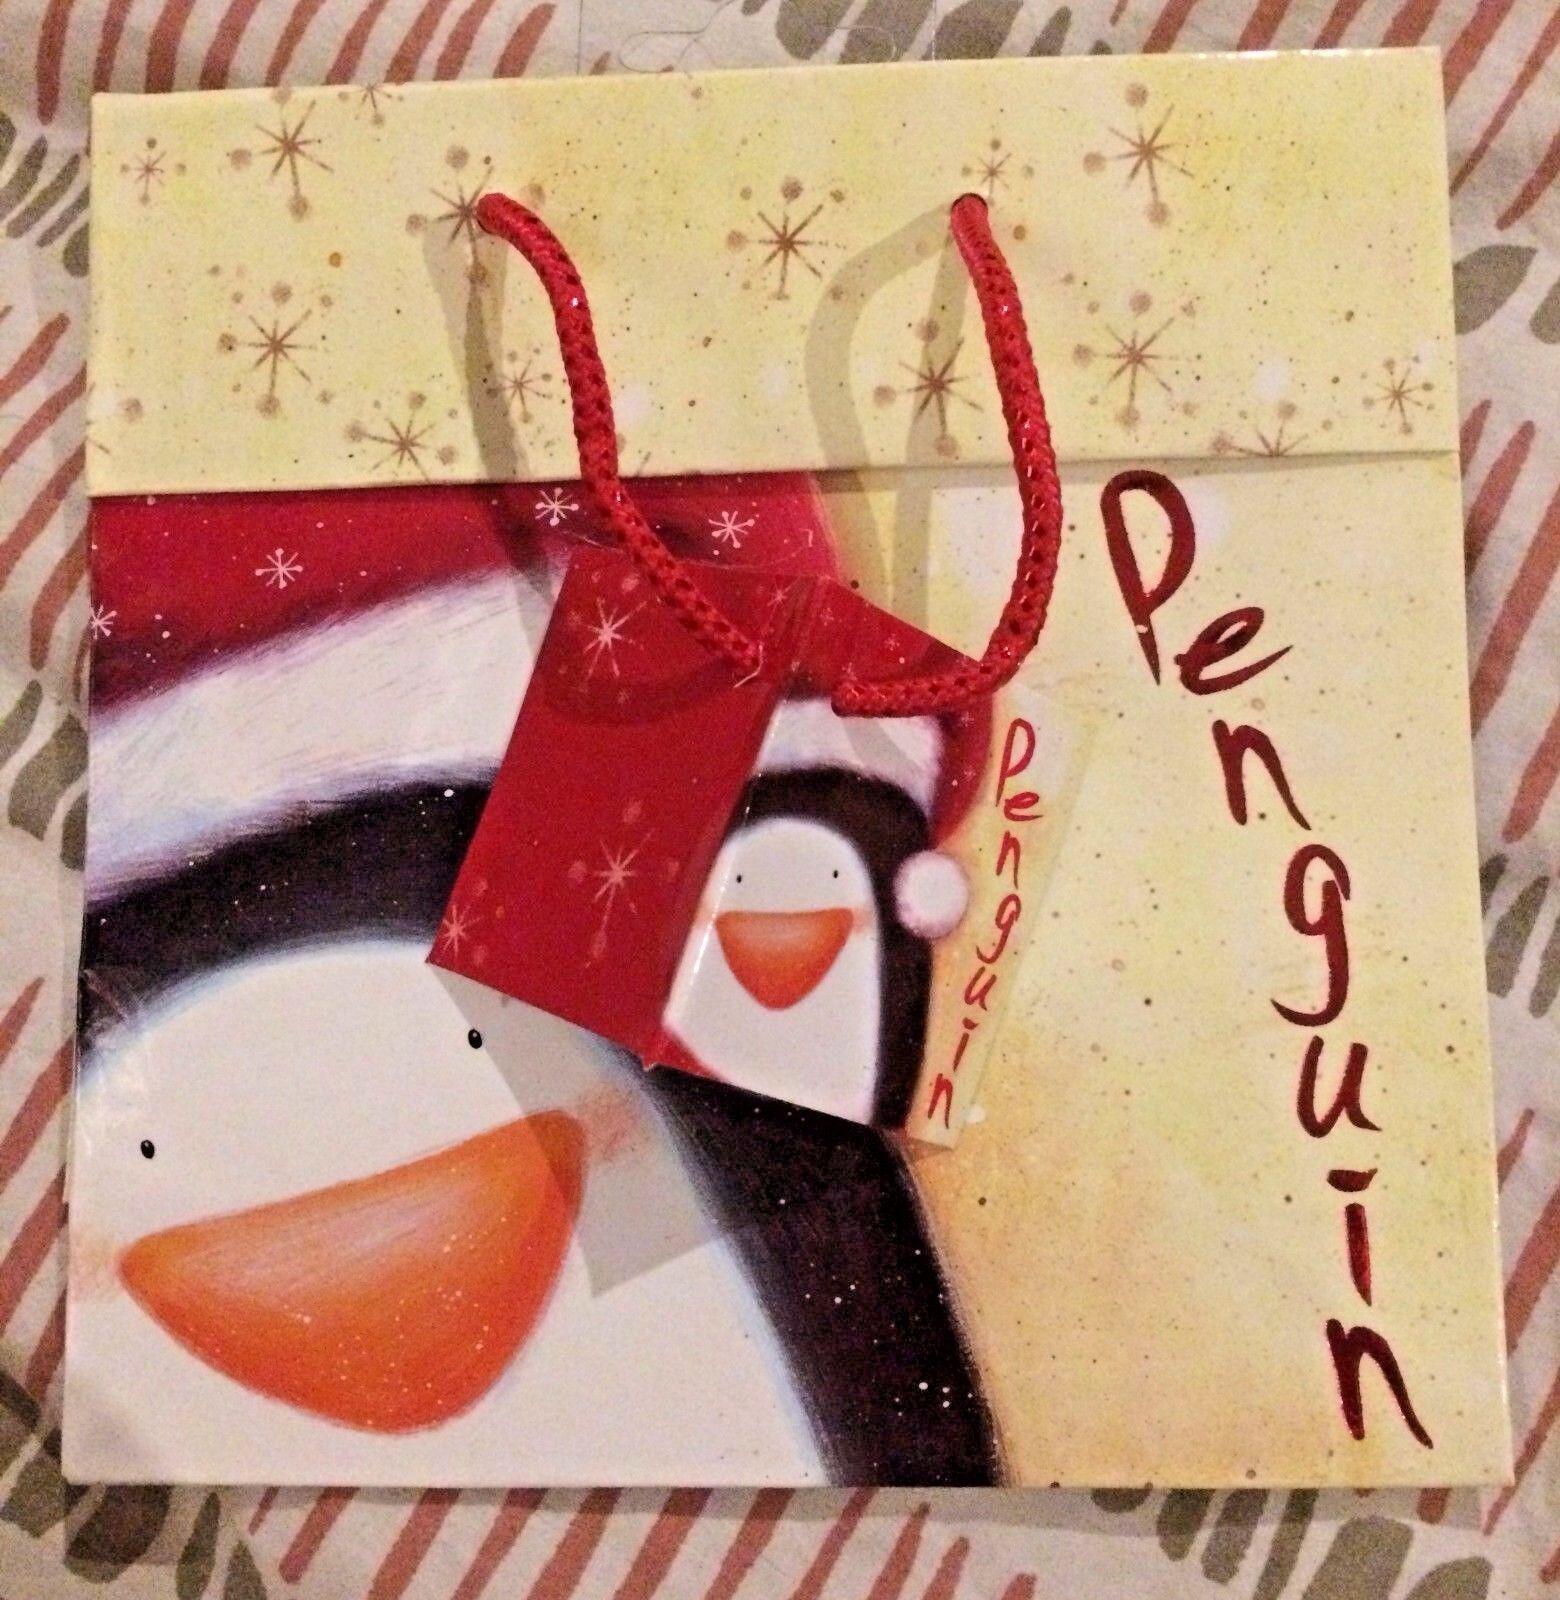 Allegria natalizia pinguino Felice Festa Borse Regalo Favore Favore Favore Bottino regalo borsa con etichette 7d831a